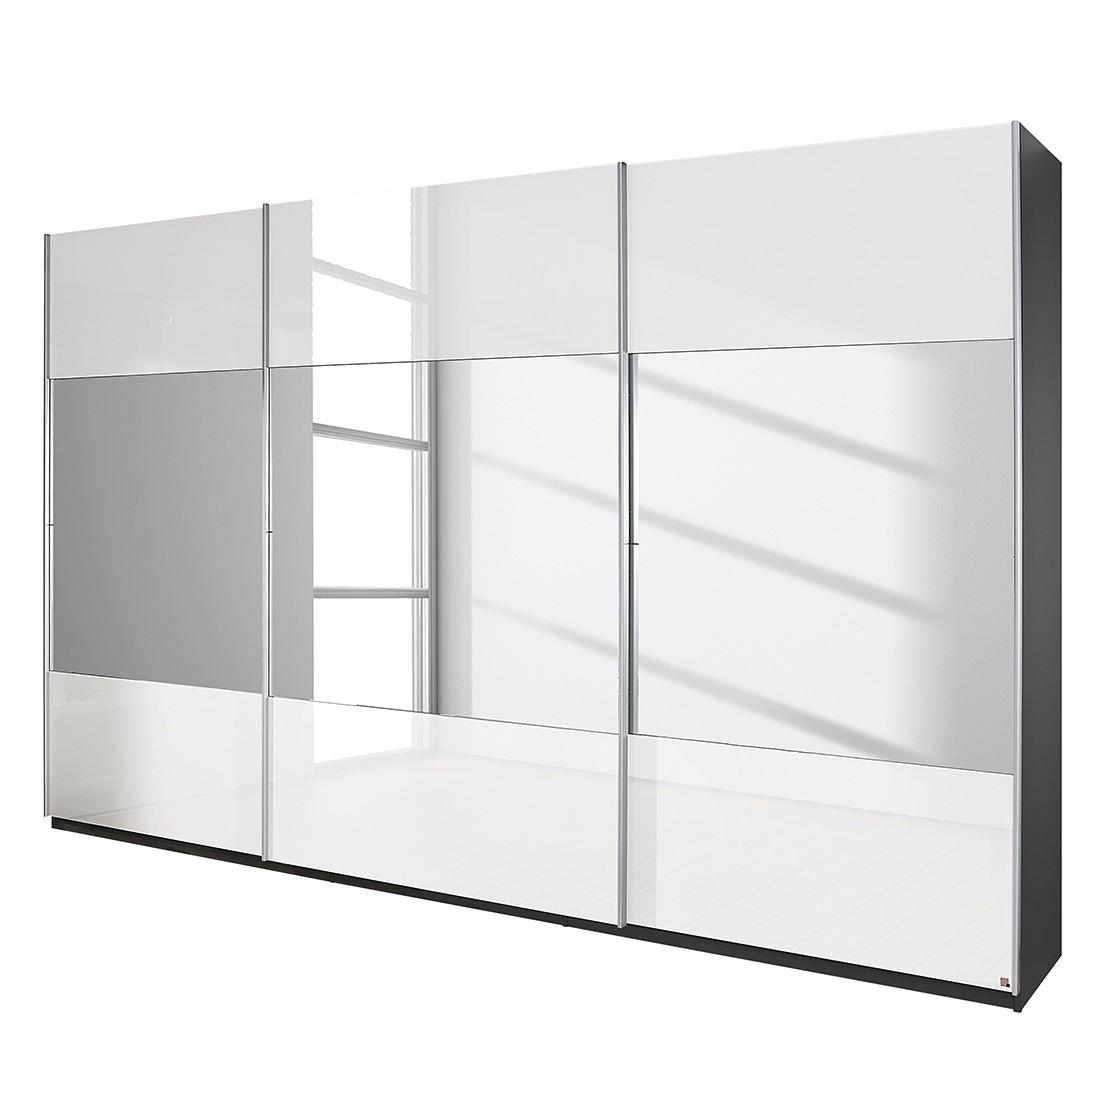 goedkoop Schuifdeurkast Beluga hoogglans wit verspiegeld grafietkleurig 405cm 3 deurs 236cm Rauch Select